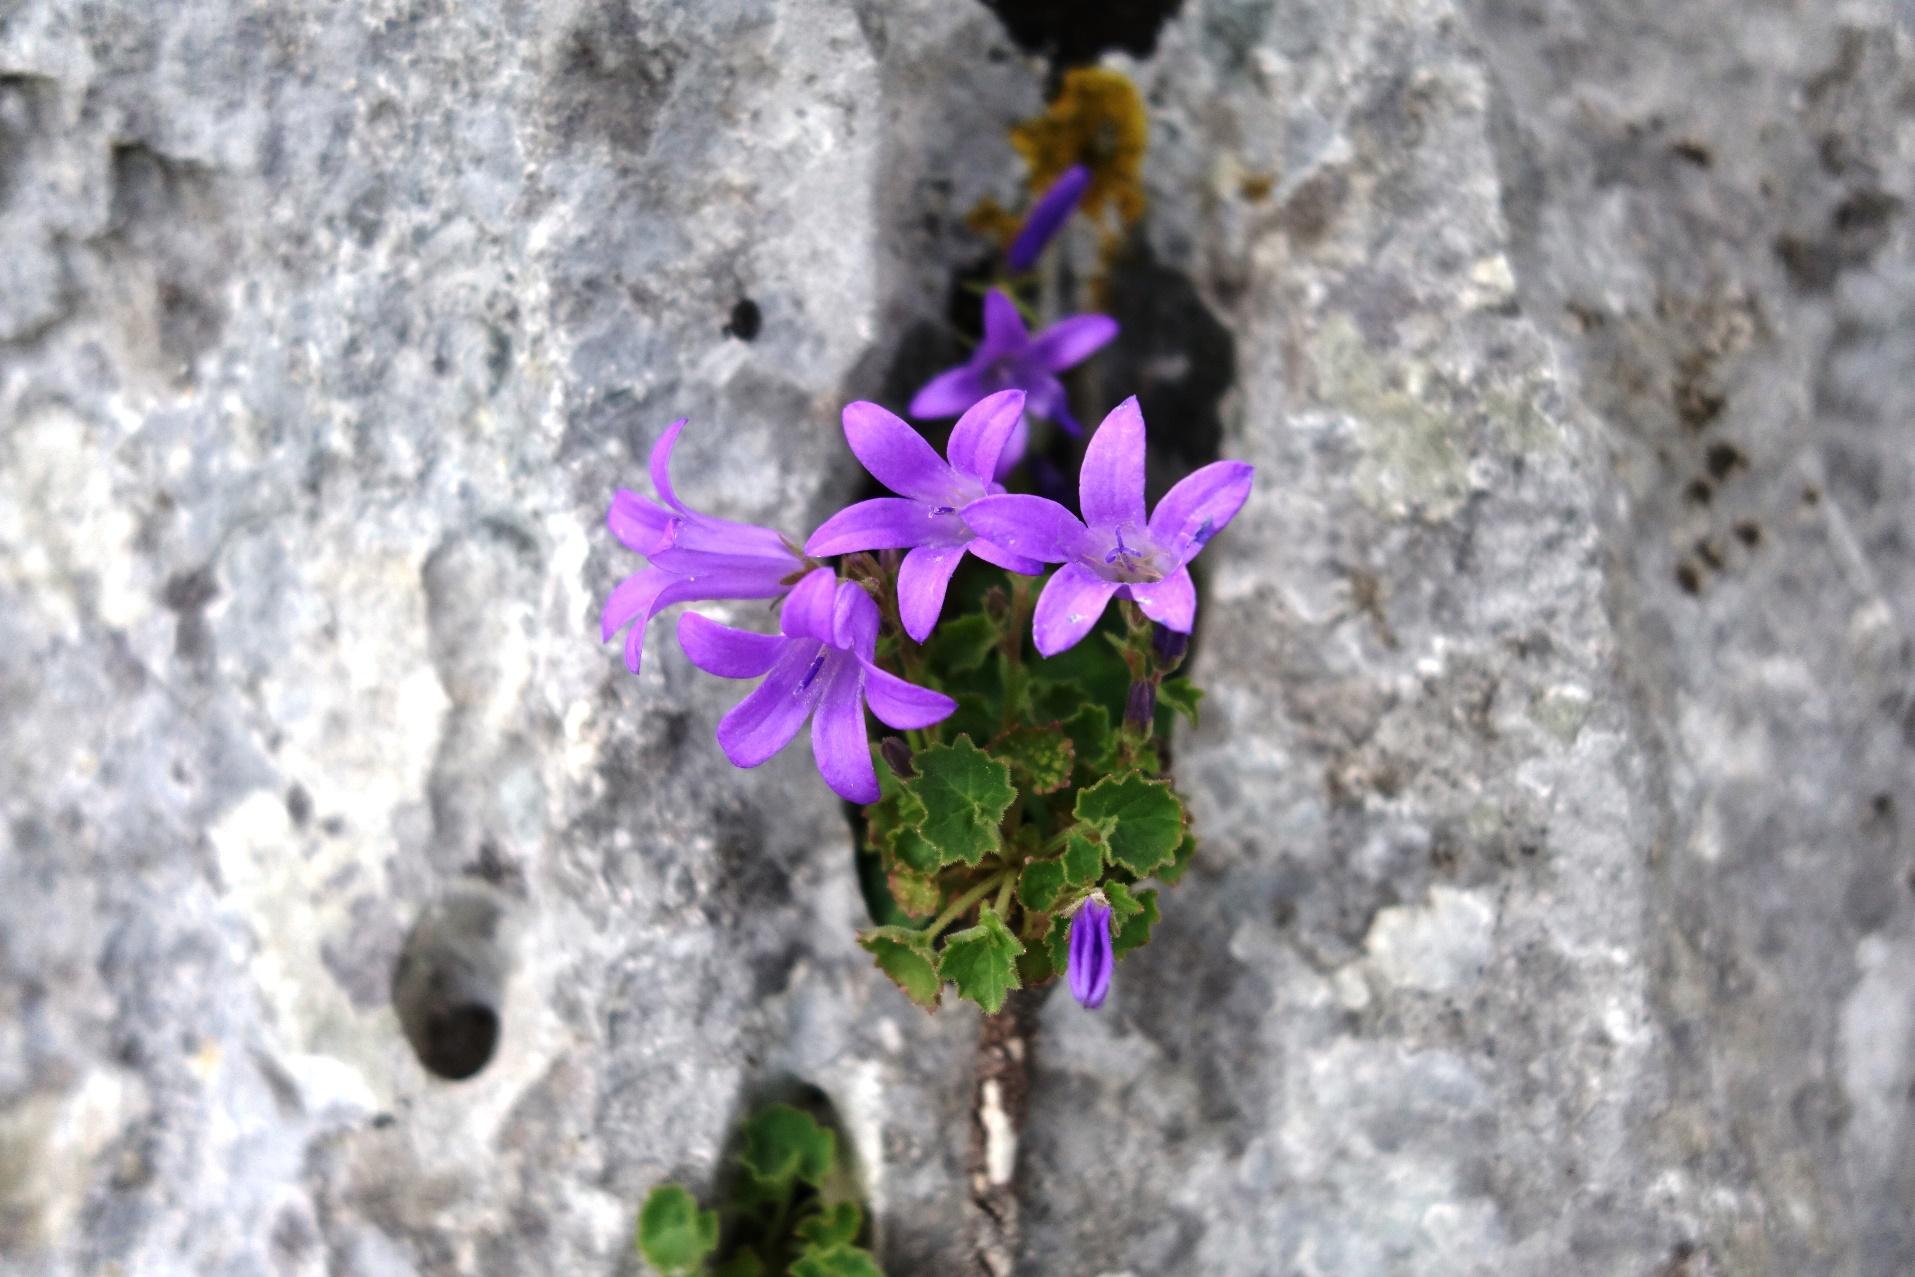 カルスト台地に咲く可憐な花